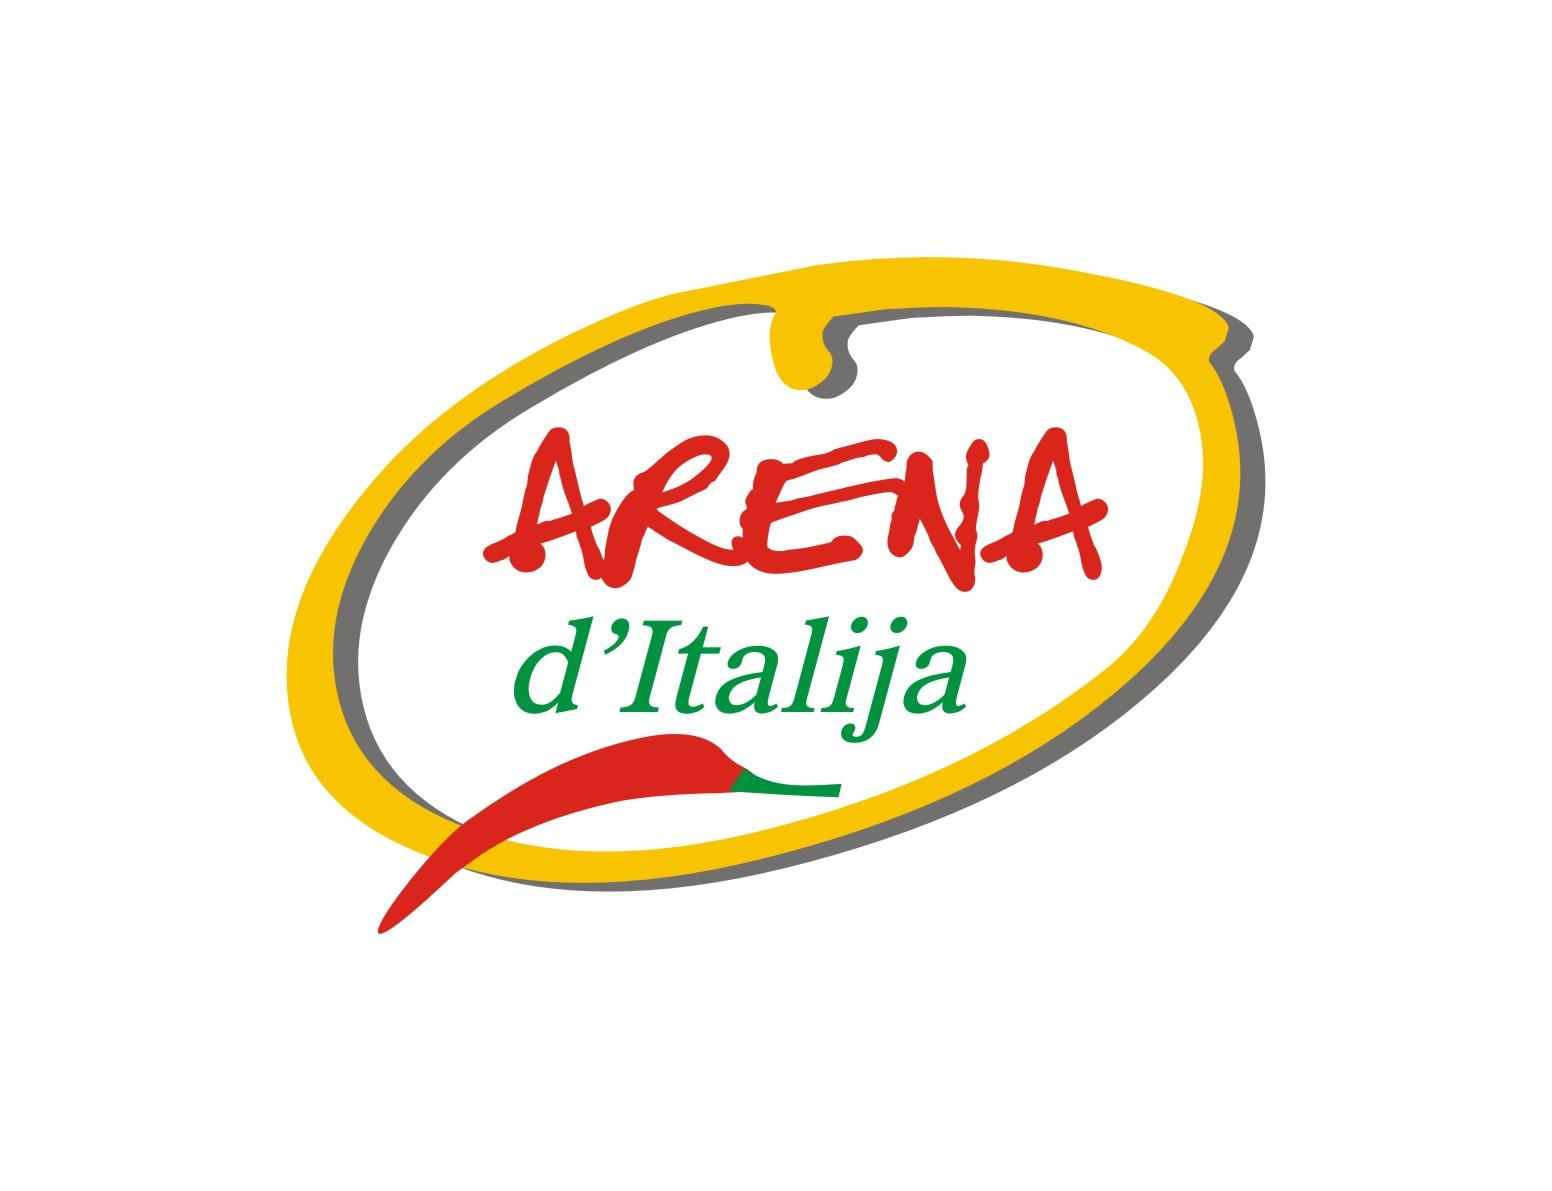 Arena d Italija logo